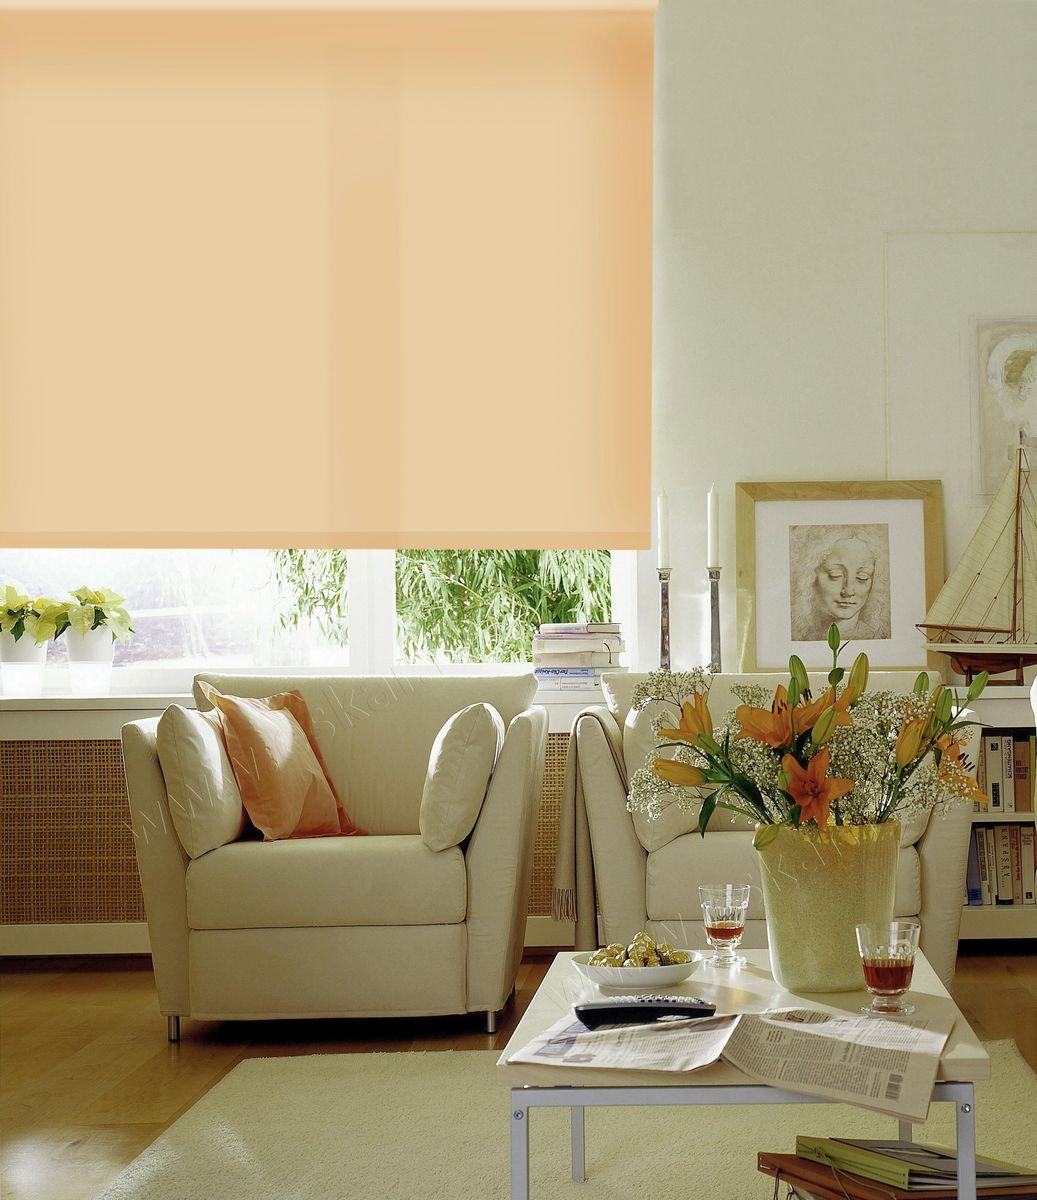 Штора рулонная Эскар, цвет: светло-абрикосовый, ширина 120 см, высота 170 см81112120170Рулонными шторами можно оформлять окна как самостоятельно, так и использовать в комбинации с портьерами. Это поможет предотвратить выгорание дорогой ткани на солнце и соединит функционал рулонных с красотой навесных. Преимущества применения рулонных штор для пластиковых окон: - имеют прекрасный внешний вид: многообразие и фактурность материала изделия отлично смотрятся в любом интерьере; - многофункциональны: есть возможность подобрать шторы способные эффективно защитить комнату от солнца, при этом она не будет слишком темной. - Есть возможность осуществить быстрый монтаж. ВНИМАНИЕ! Размеры ширины изделия указаны по ширине ткани! Во время эксплуатации не рекомендуется полностью разматывать рулон, чтобы не оторвать ткань от намоточного вала. В случае загрязнения поверхности ткани, чистку шторы проводят одним из способов, в зависимости от типа загрязнения: легкое поверхностное загрязнение можно удалить при помощи канцелярского ластика; чистка от пыли производится сухим методом при...